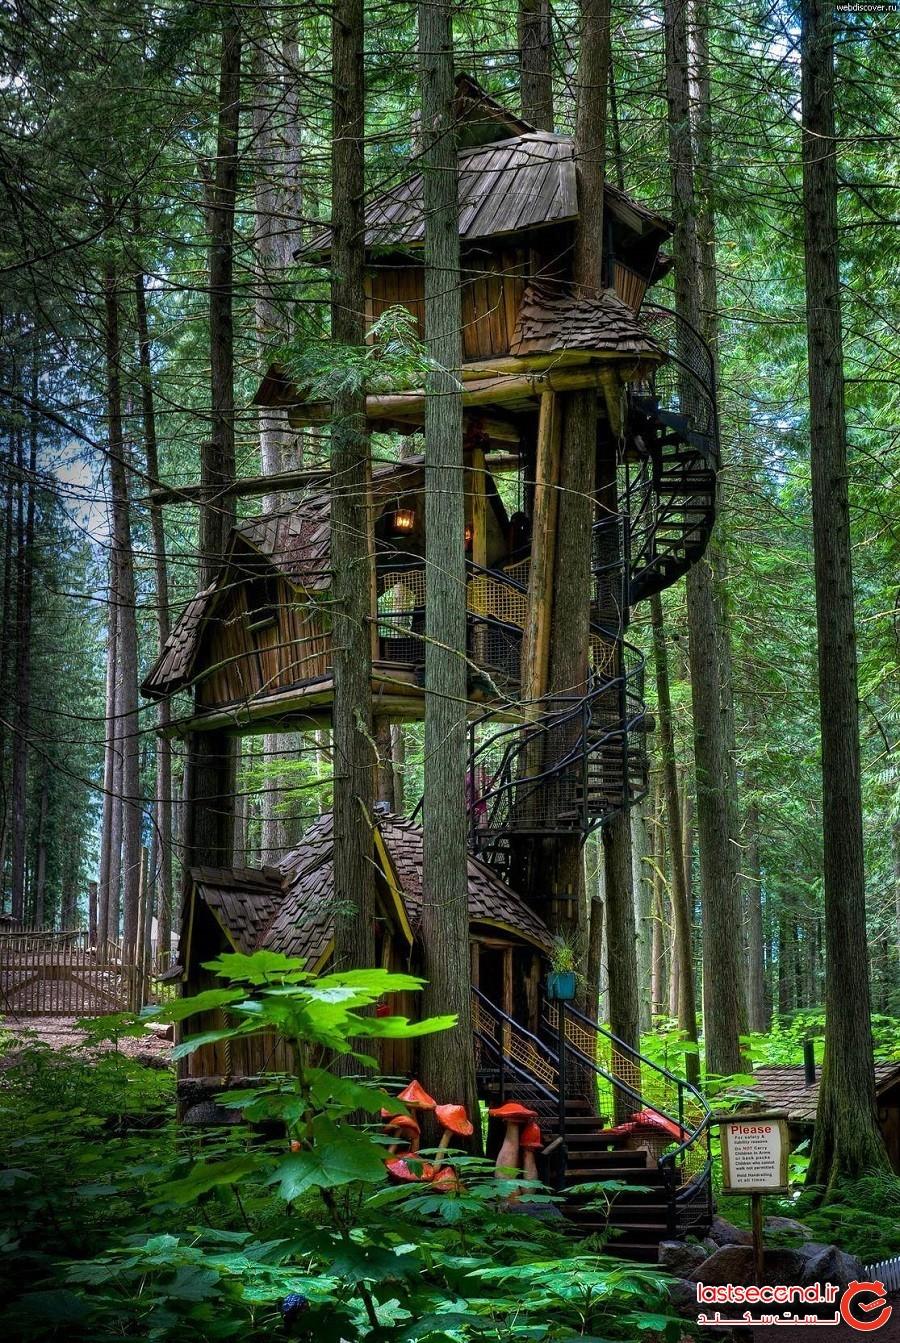 خانه درختی فِیریتال (Fairytale Treehouse)